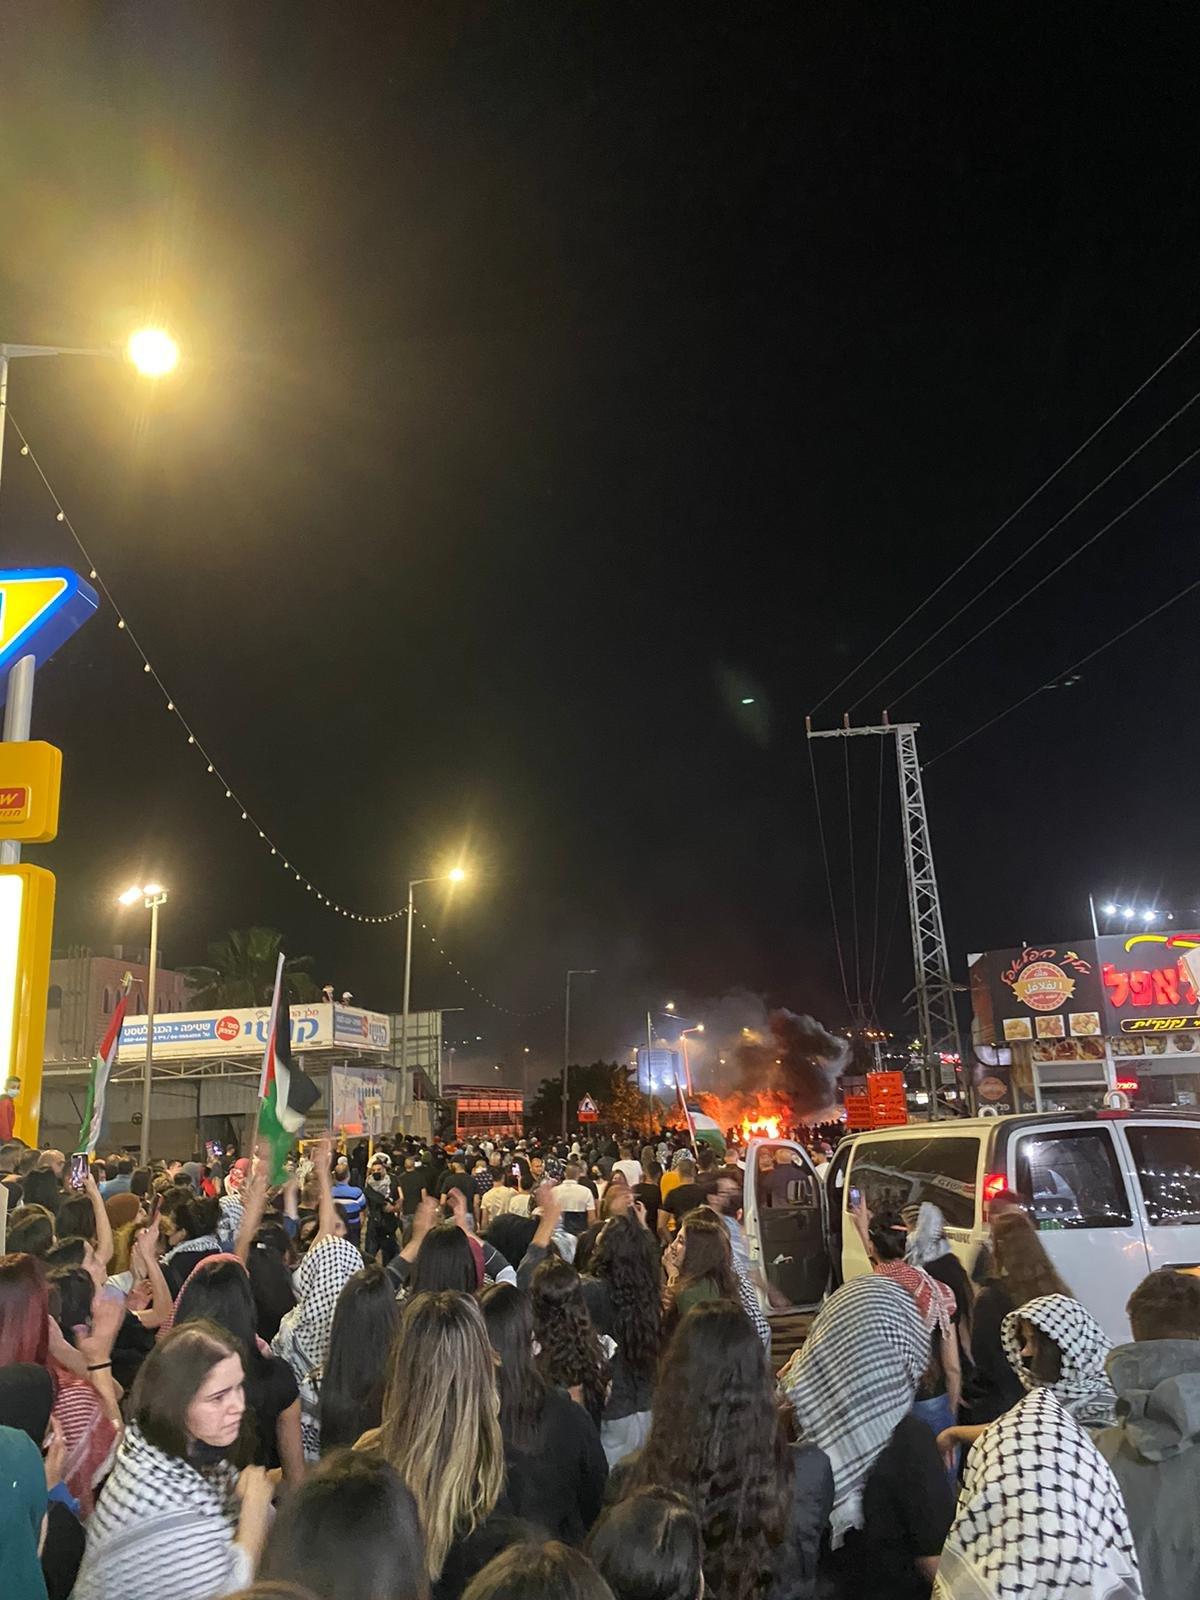 تابعوا الأخبار من مختلف البلدات: مظاهرات حاشدة، اليكم الملخص والصور-16